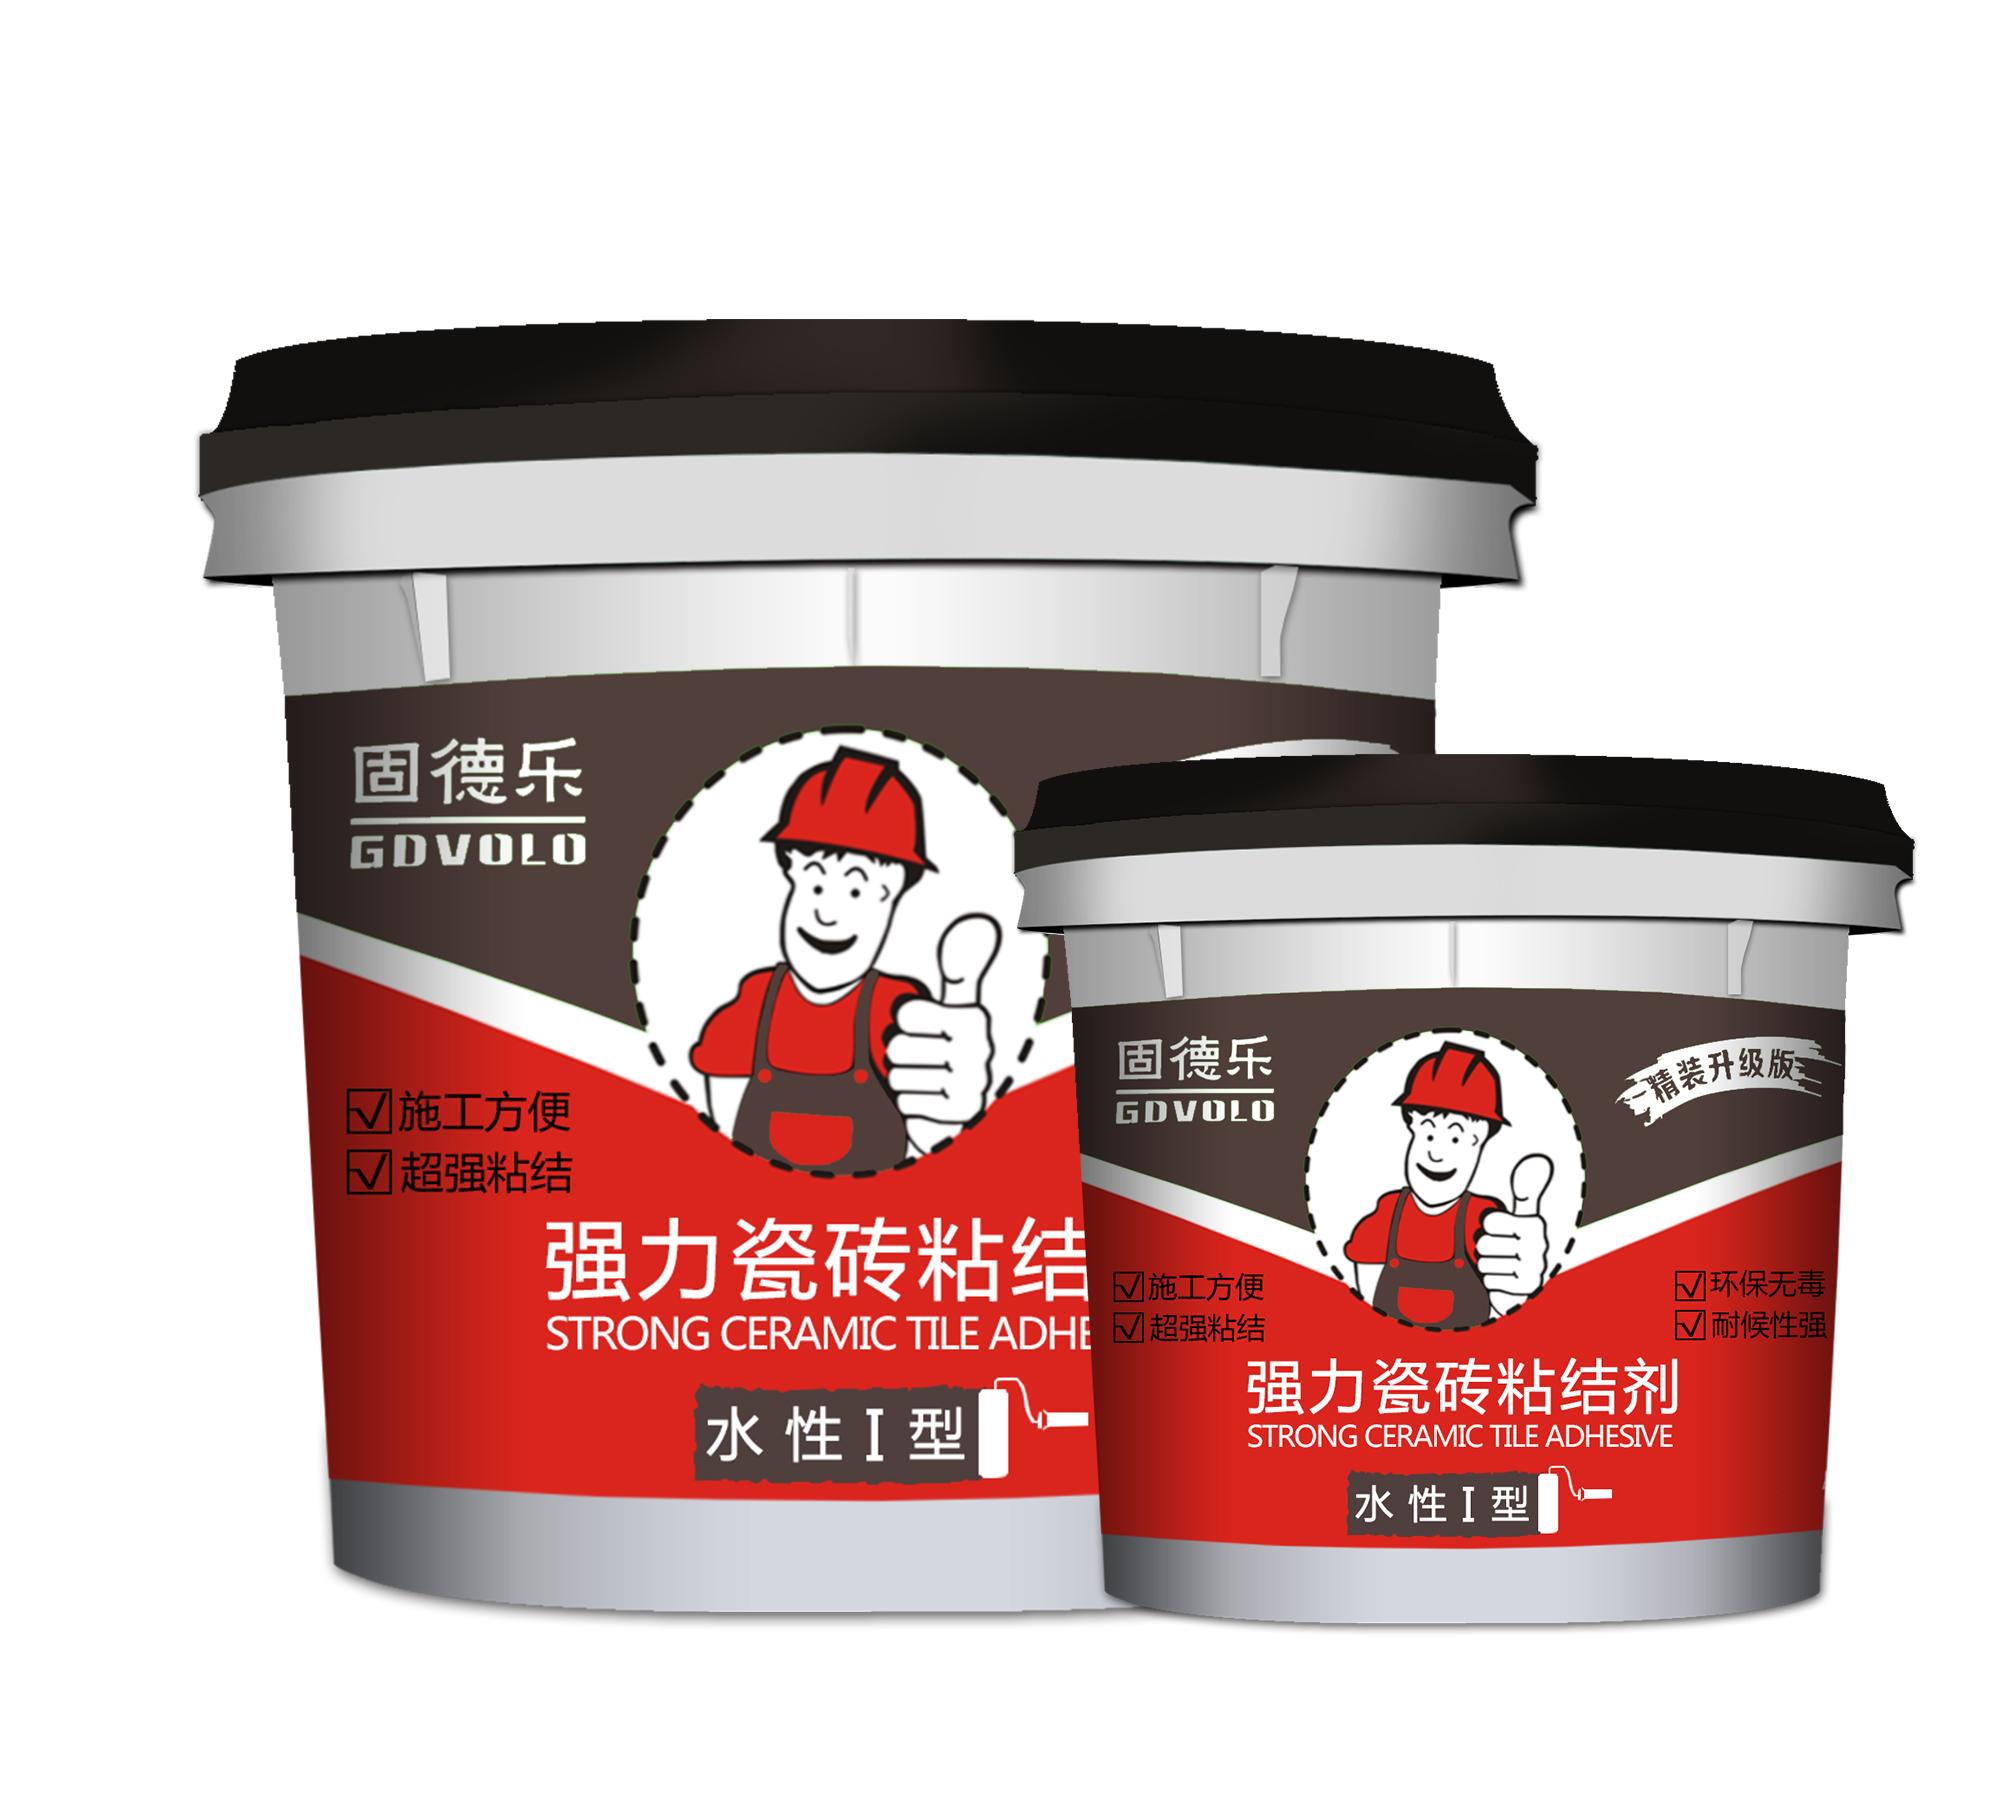 强力瓷砖粘结剂(水性Ⅰ型)_建企商盟-建筑建材产业的云采购联盟平台